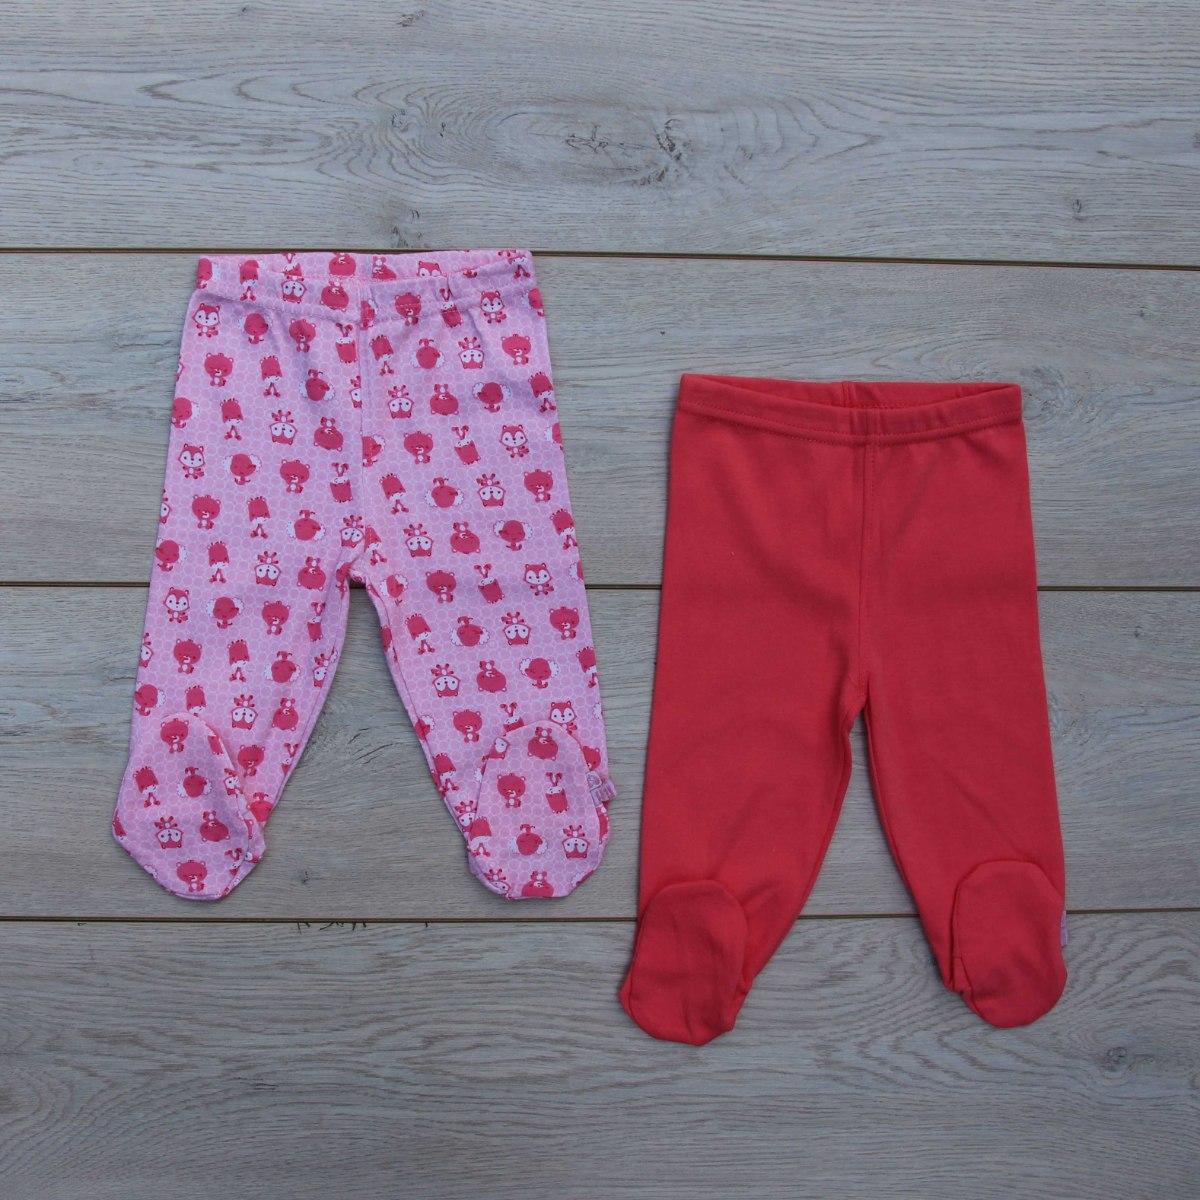 זוג מכנסיים רגליות ורוד